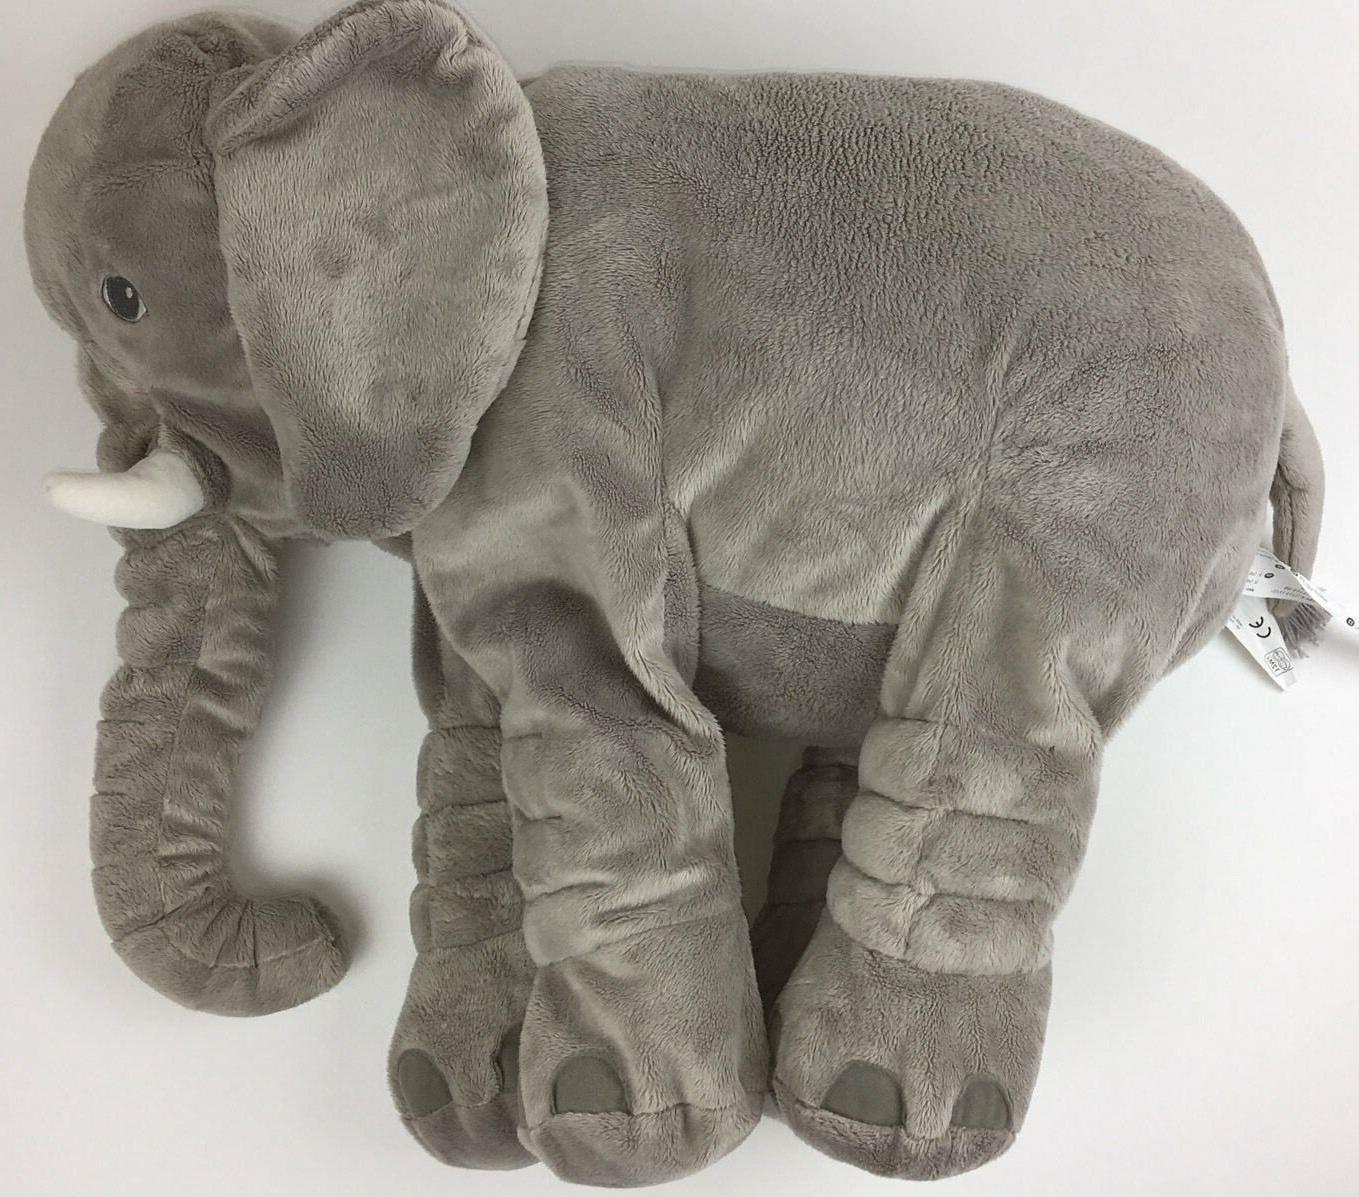 XXL Plush Stuffed Baby Pillow Gray